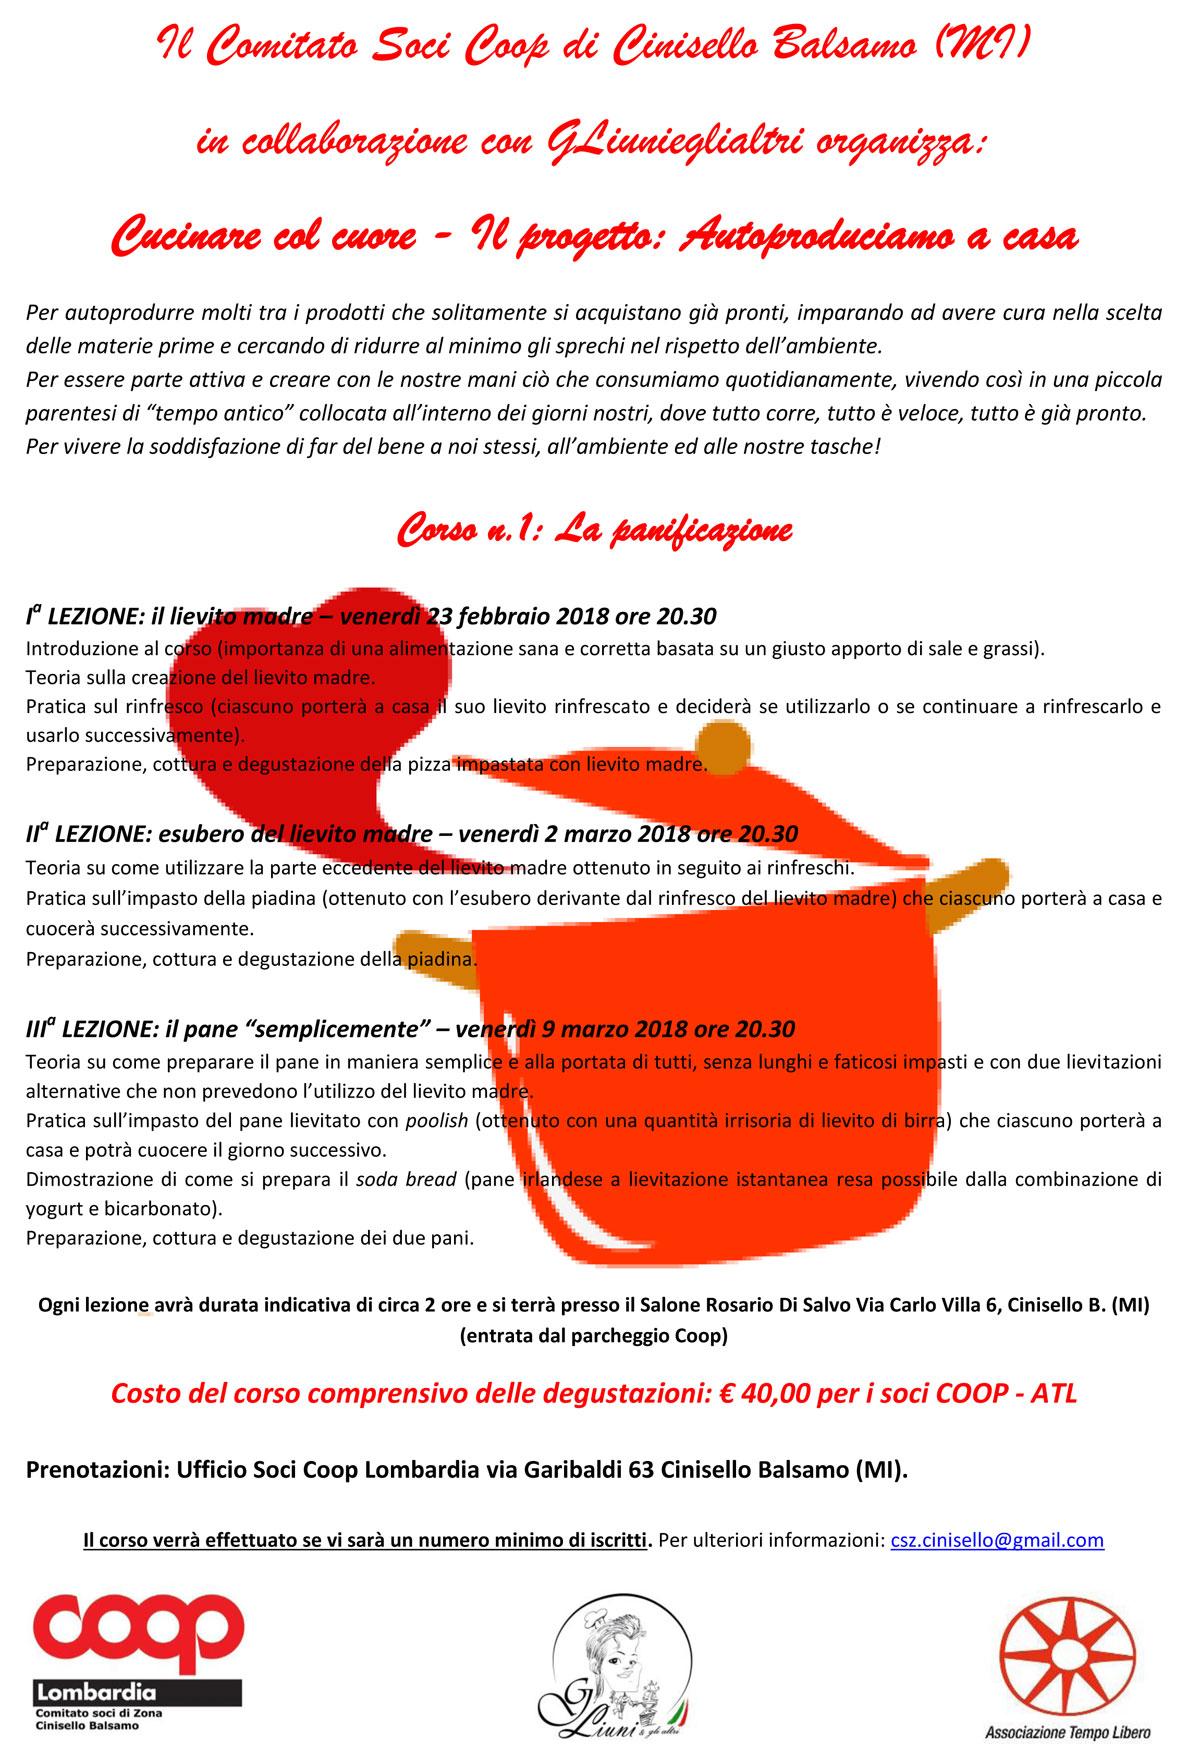 Cucinare col cuore 2018 la panificazione partecipa coop for Cucinare 2018